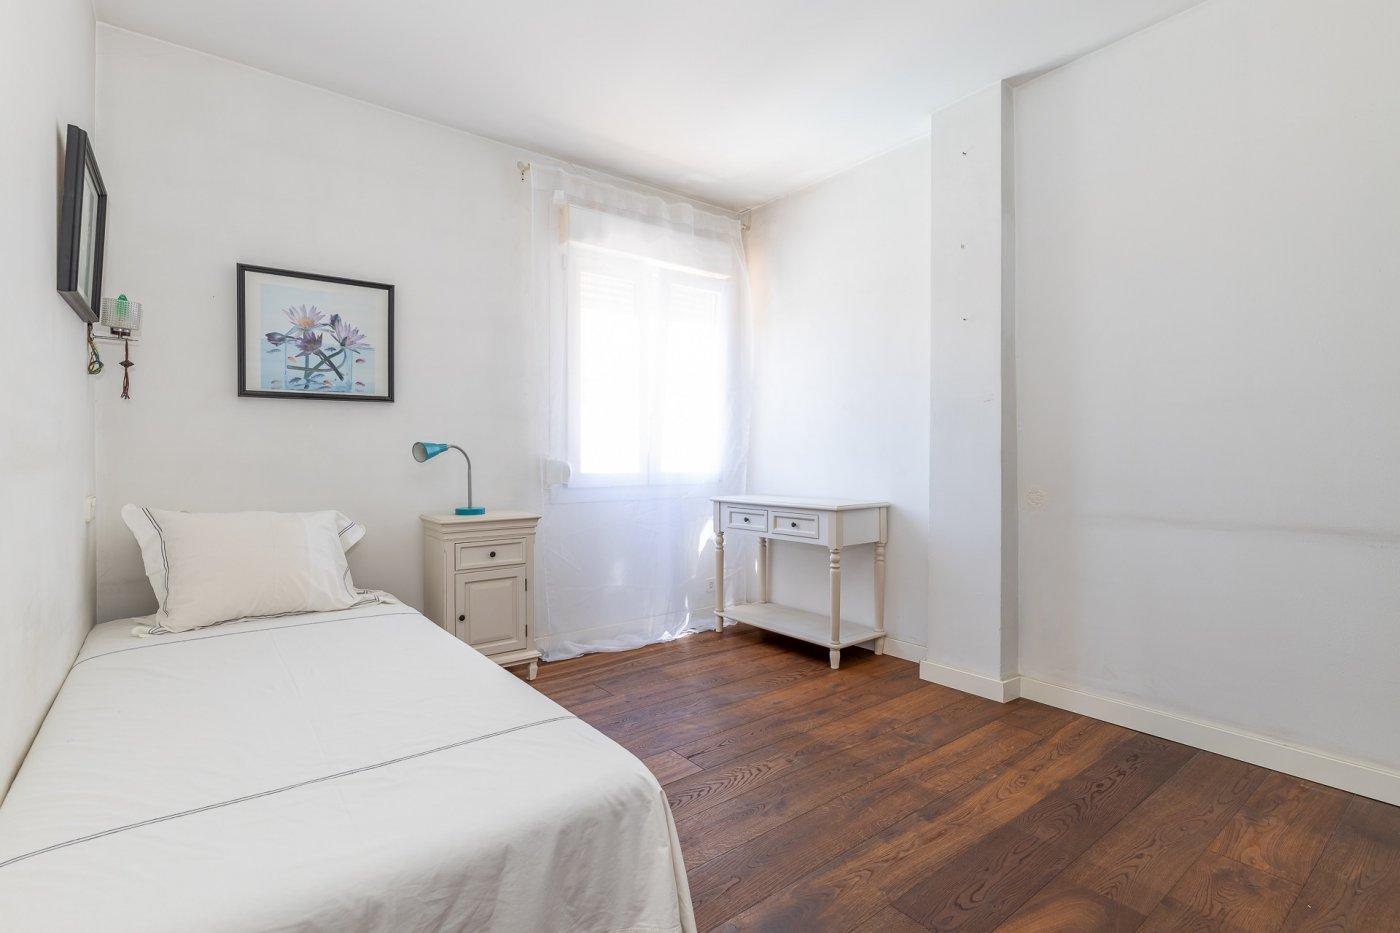 Coqueto apartamento cerca de porto pi, palma - imagenInmueble15